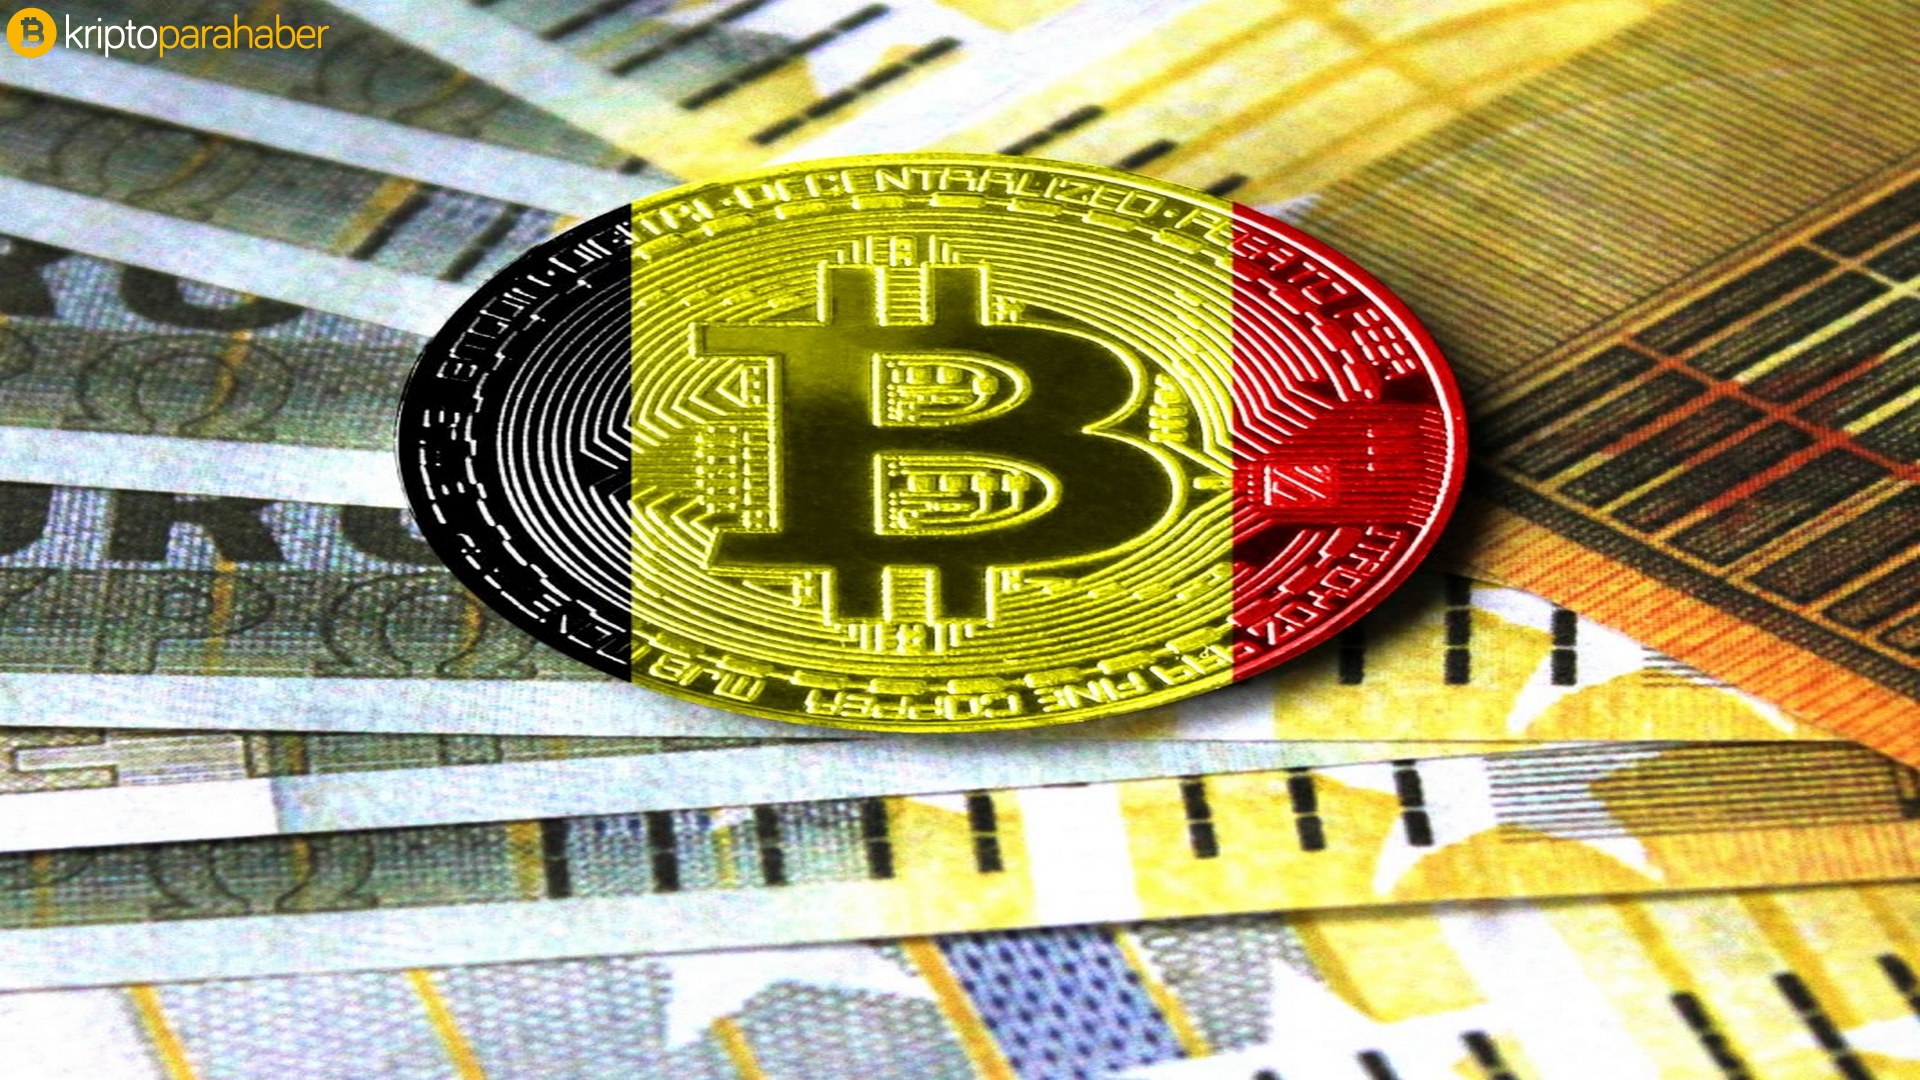 Belçika Vergi Dairesi, kripto yatırımcılarının peşinde!